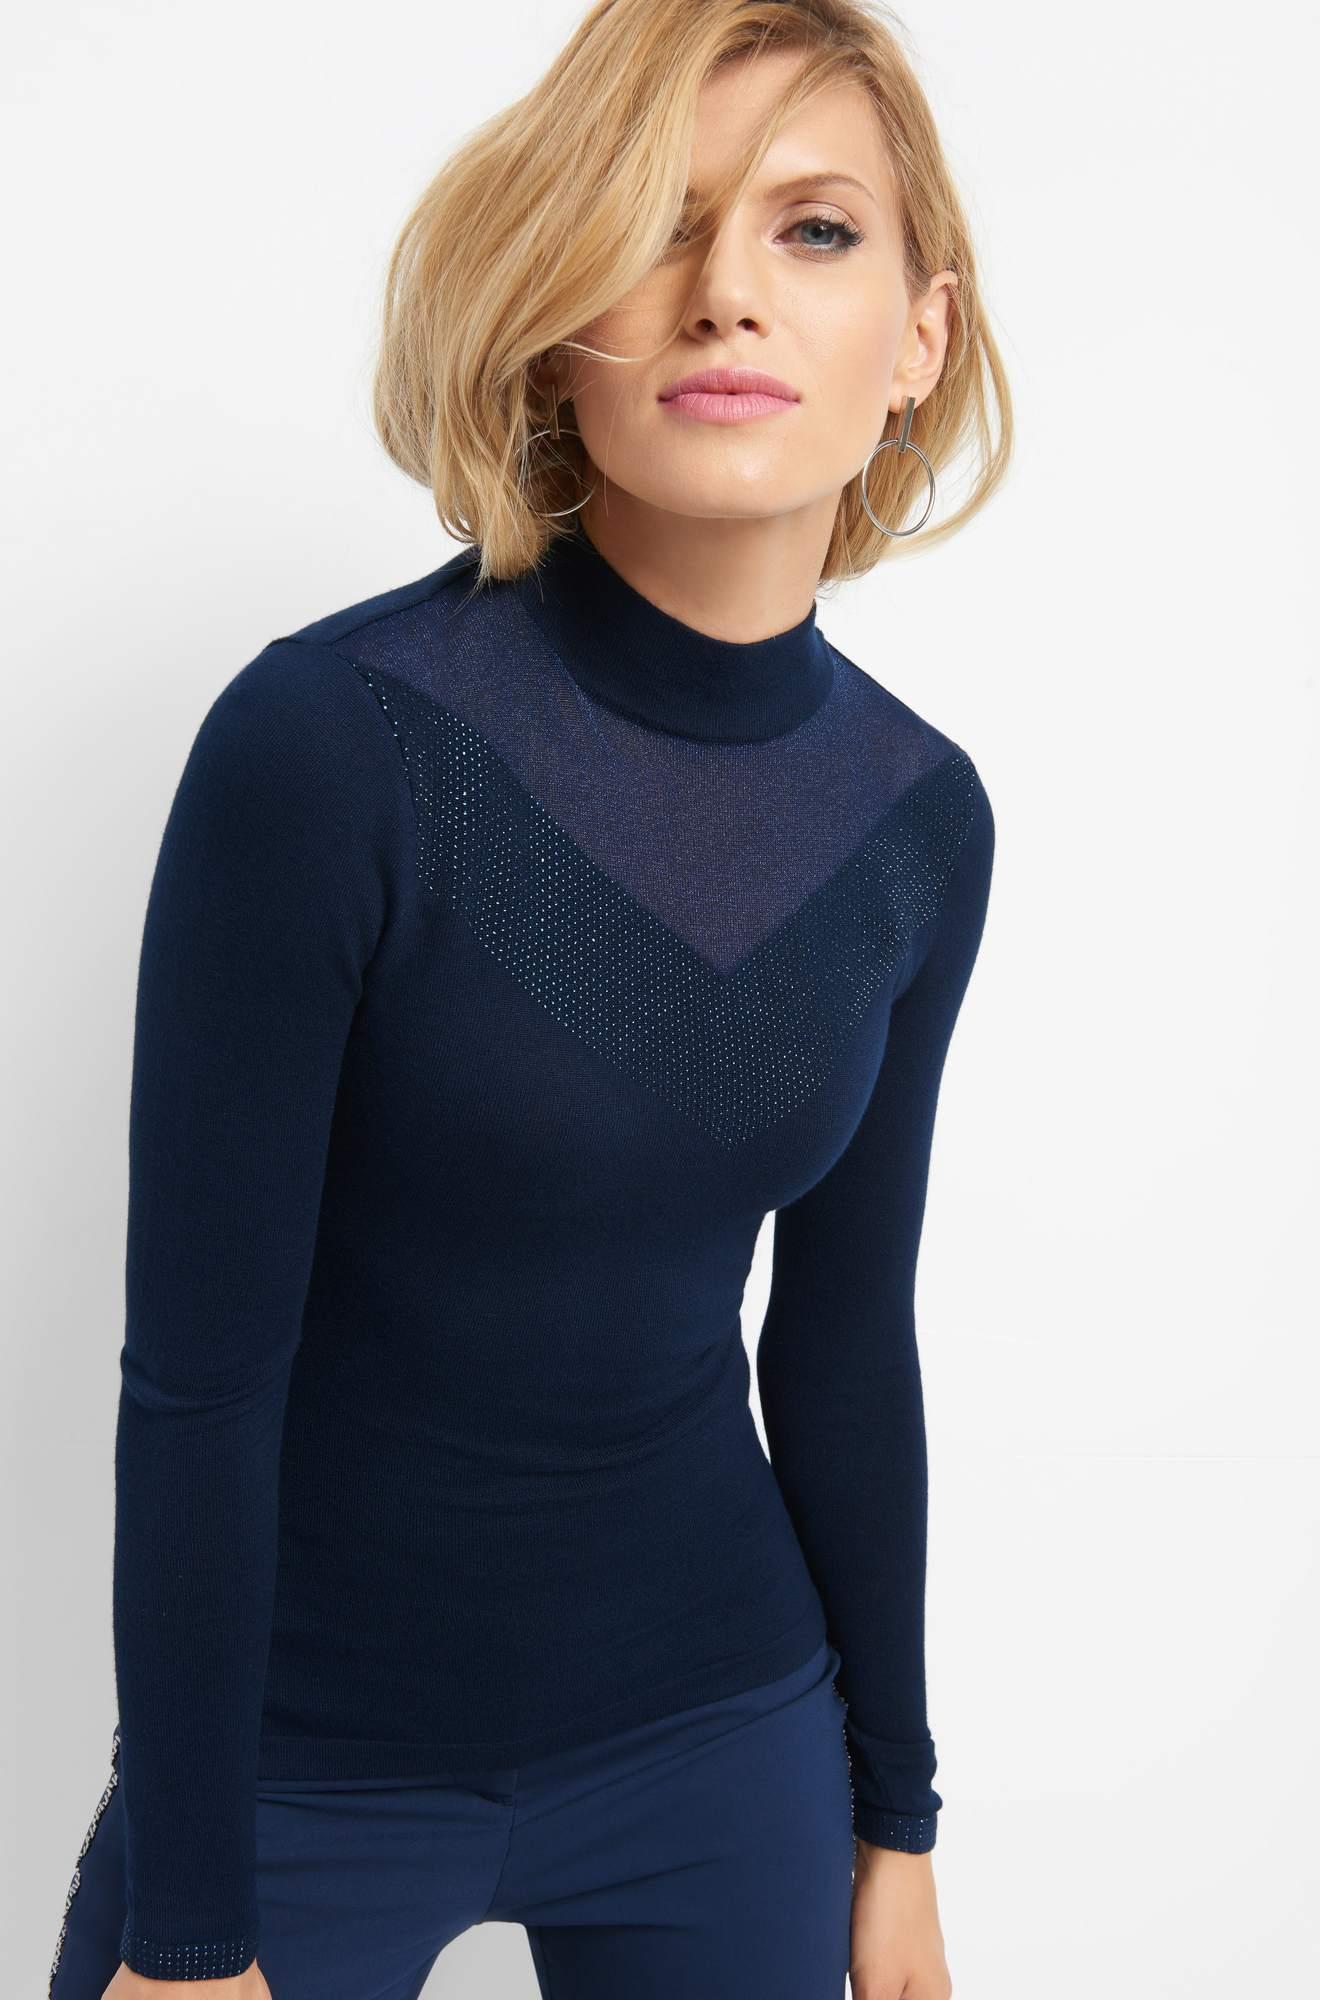 Pullover mit Glitzernaht